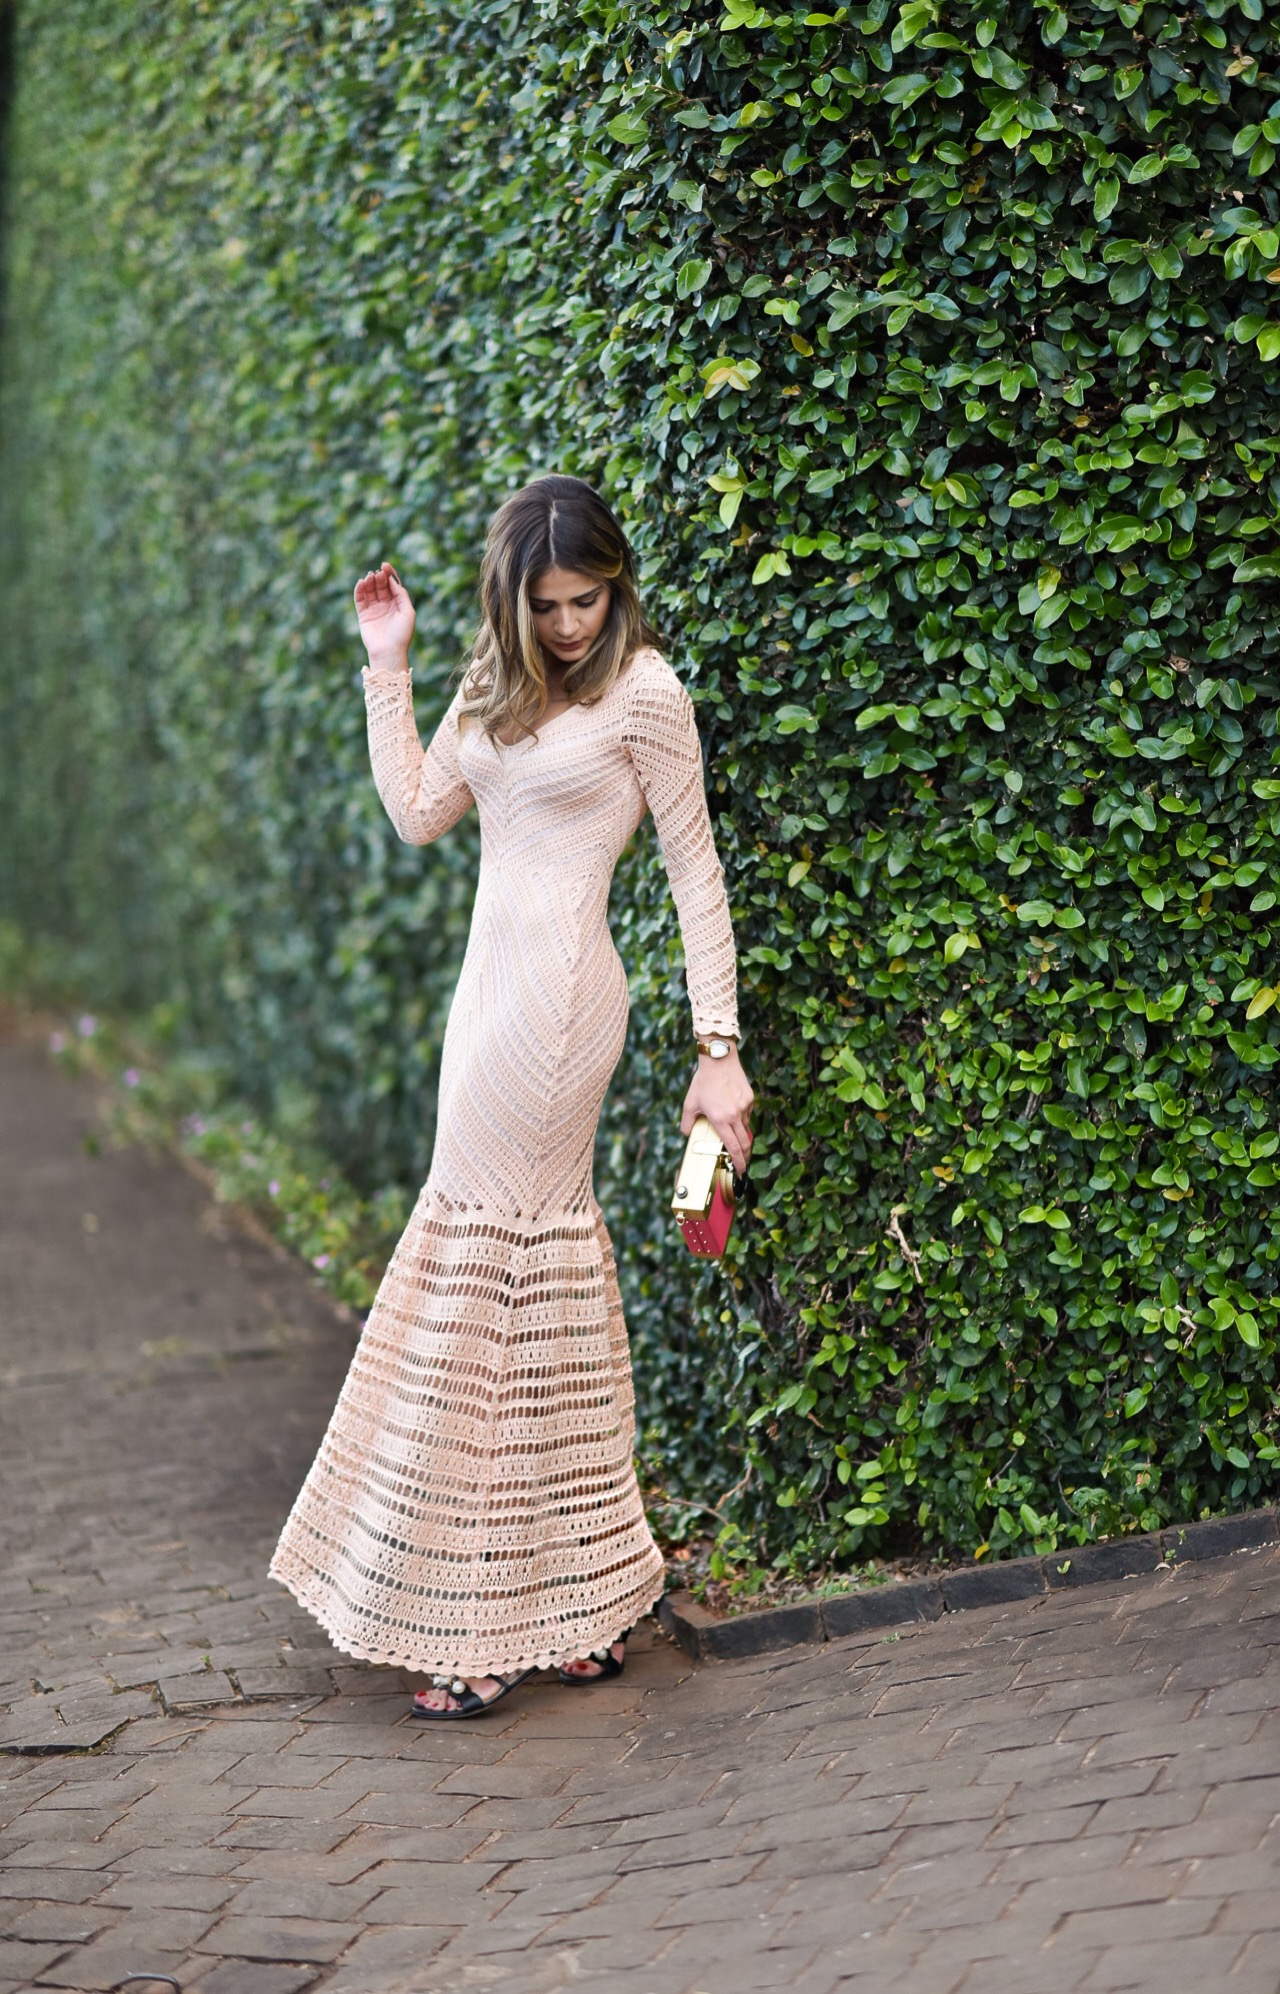 Vestido de Tricot Longo_Galeria Tricot_Thassia Naves